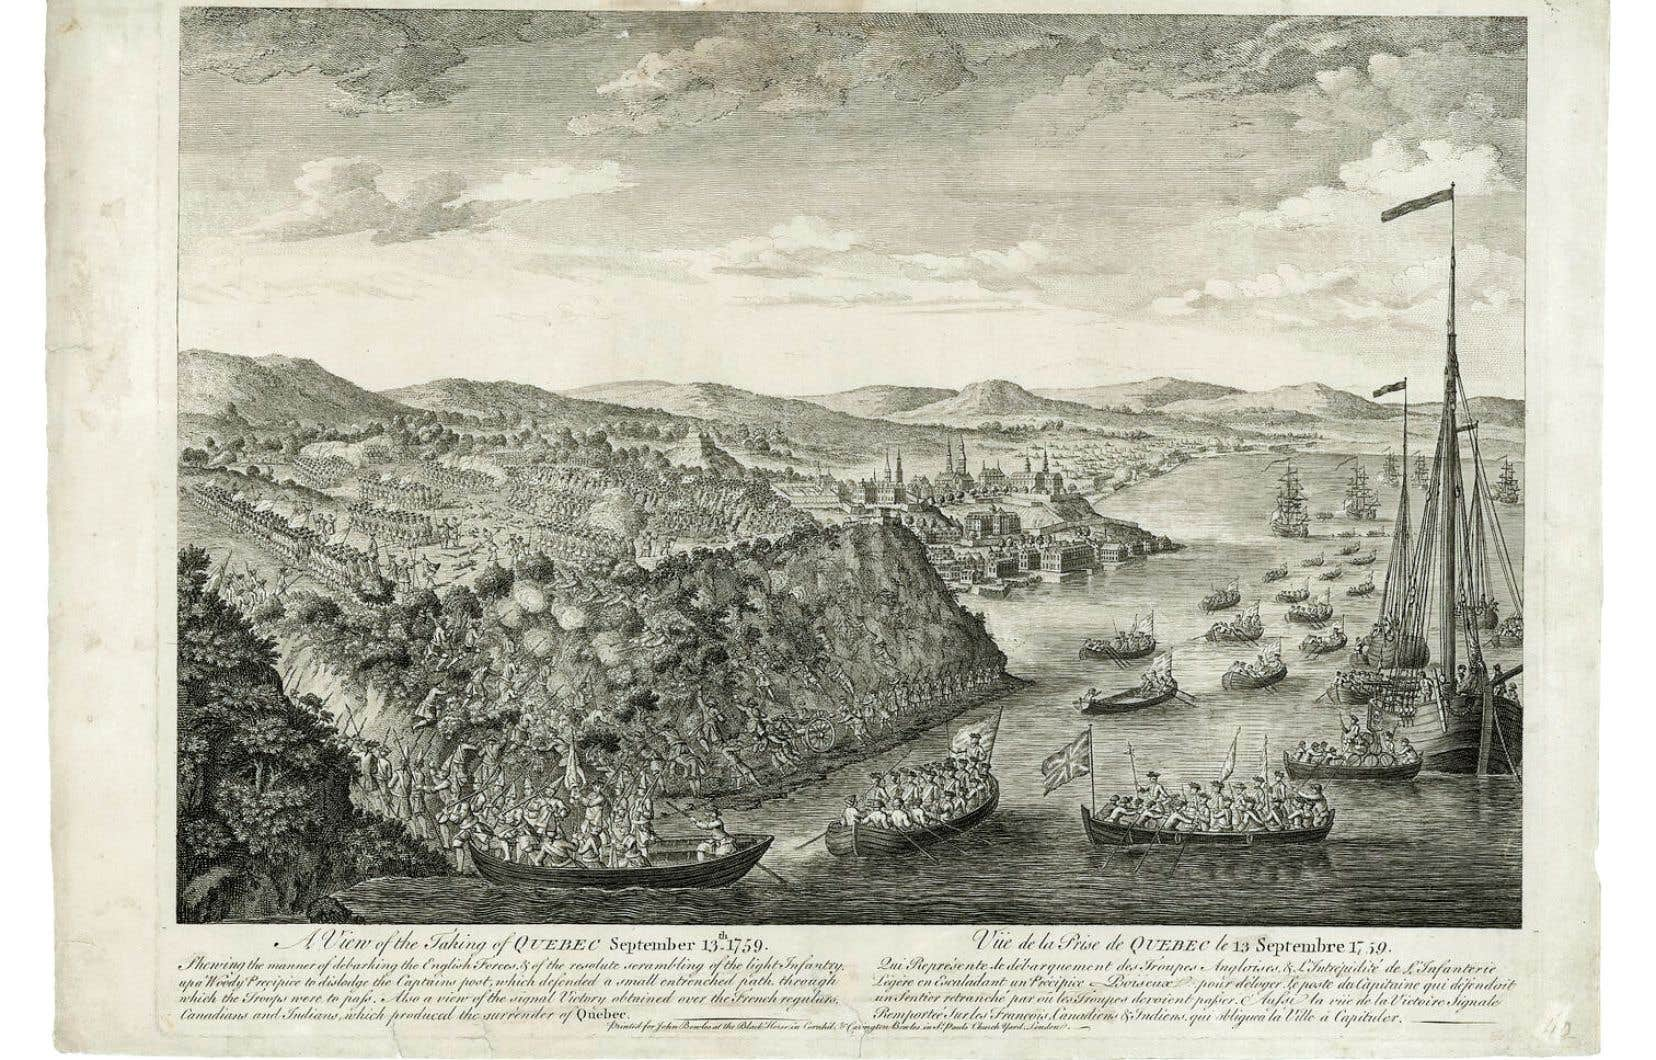 Vue de la prise de Québec le 13 septembre 1759